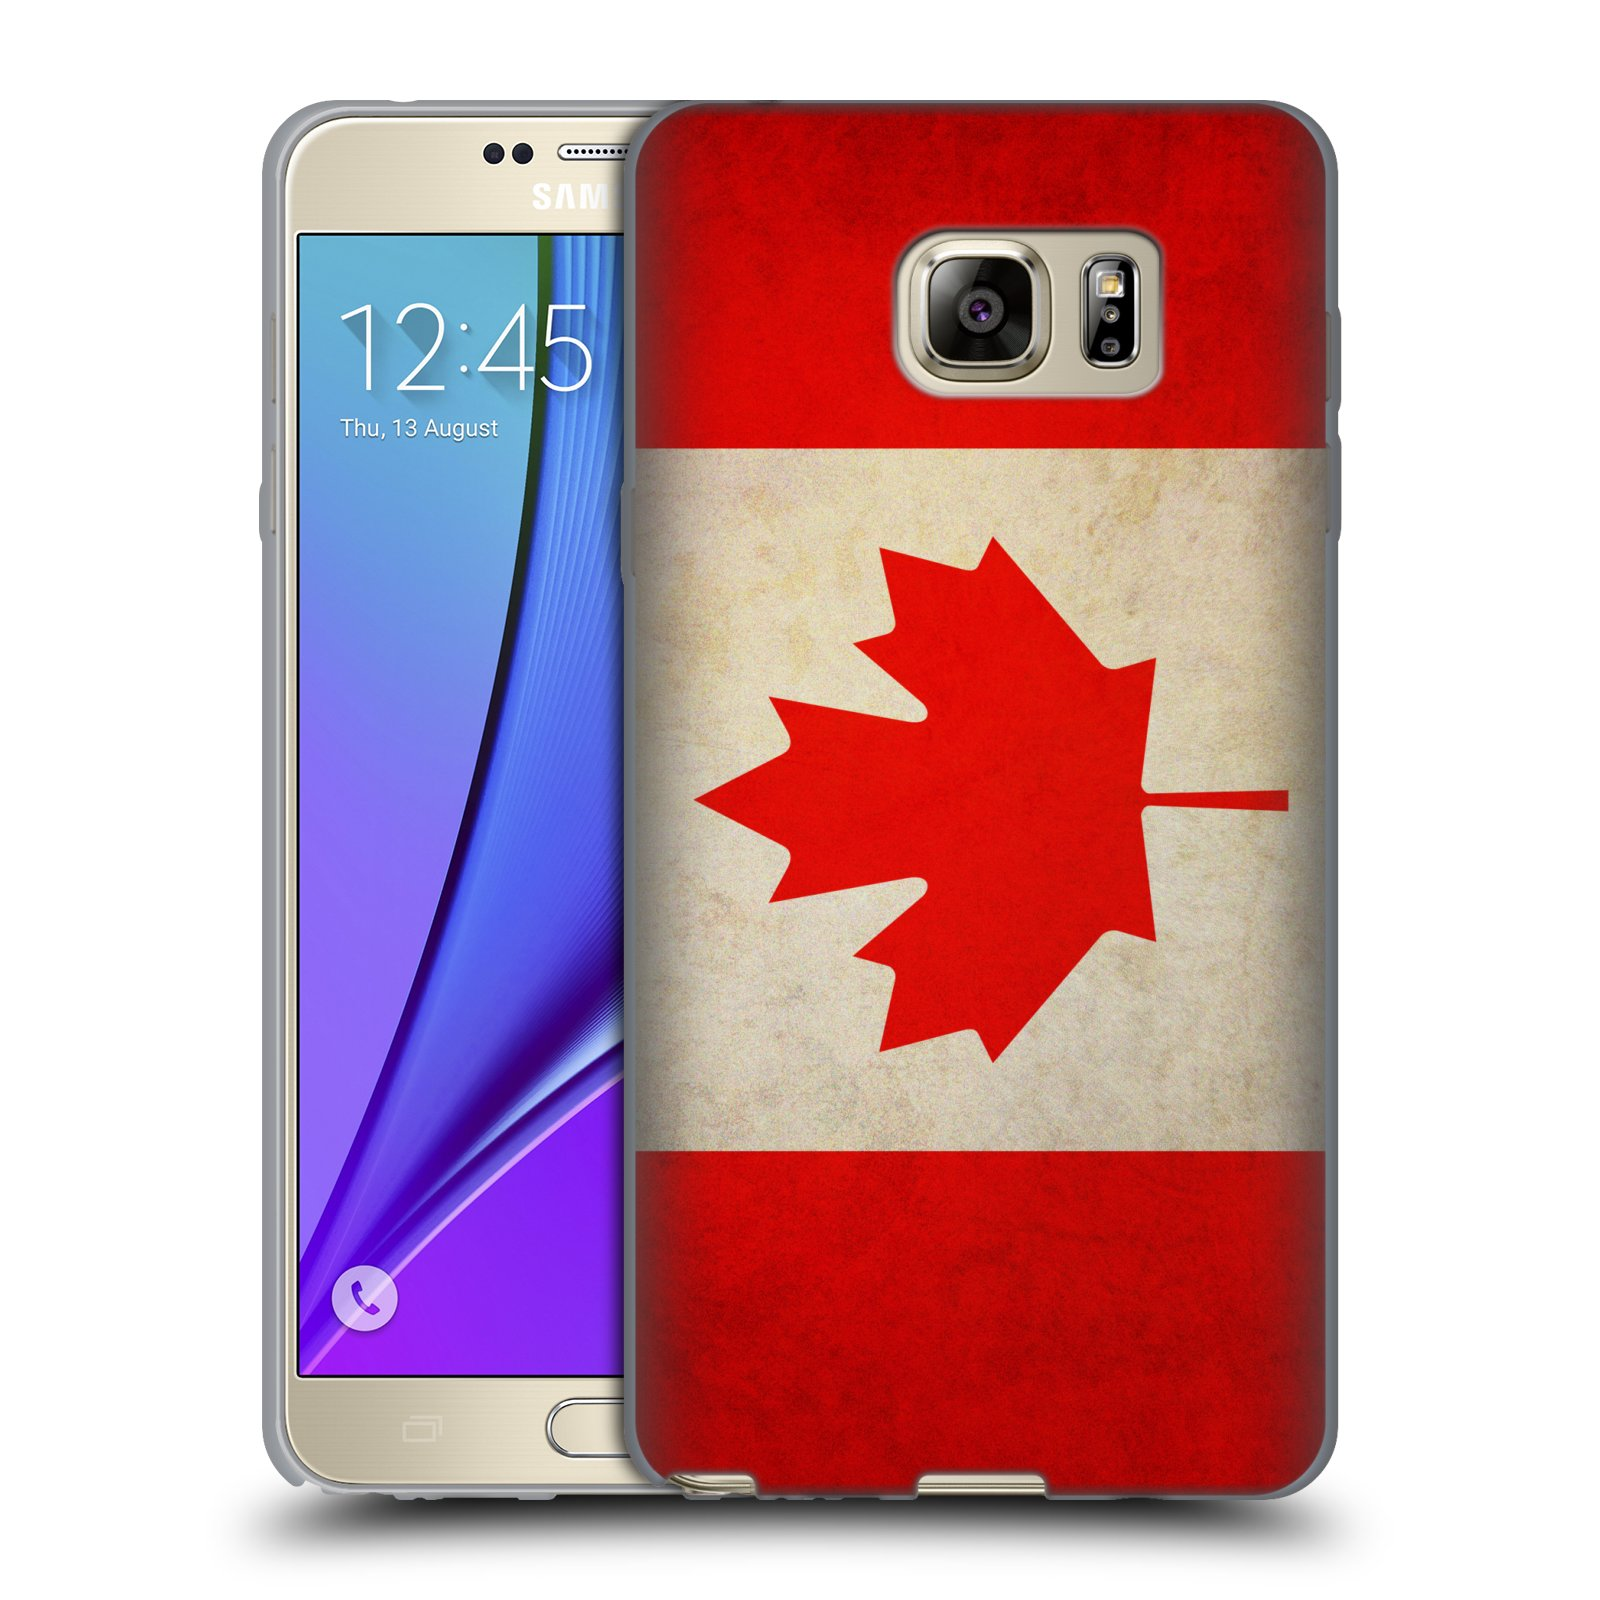 HEAD CASE silikonový obal na mobil Samsung Galaxy Note 5 (N920) vzor VINTAGE VLAJKY KANADA